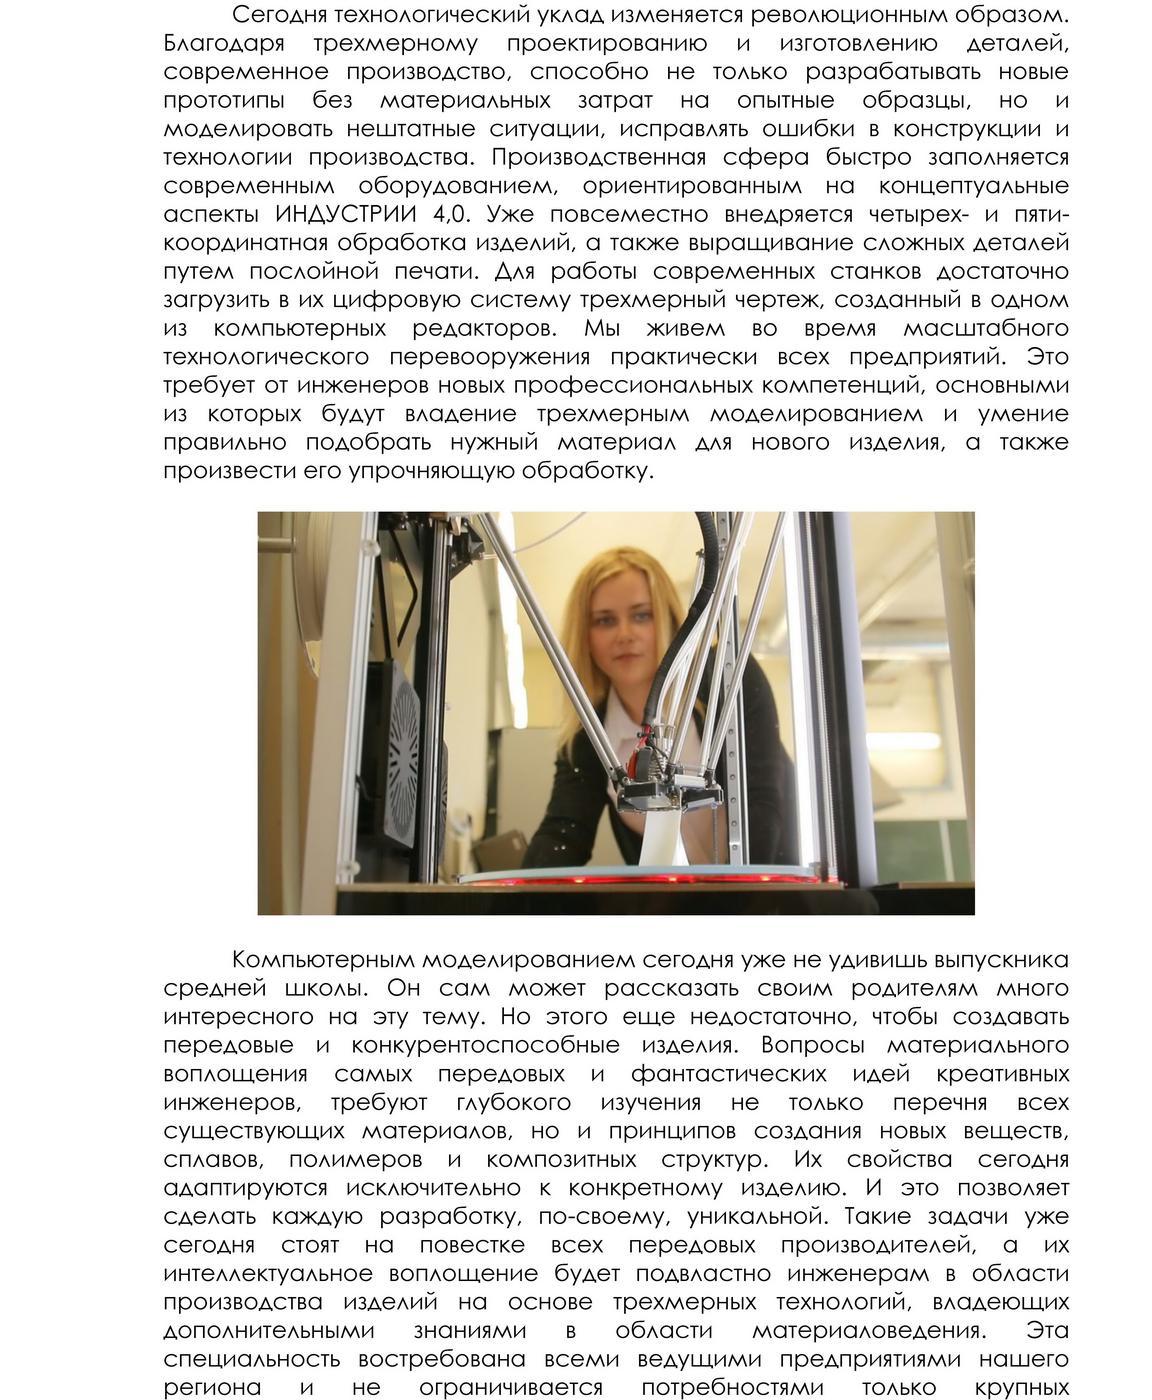 pokolenie_z_napechataet_vse_chto_nuzhno_chelovechestvu2.jpg